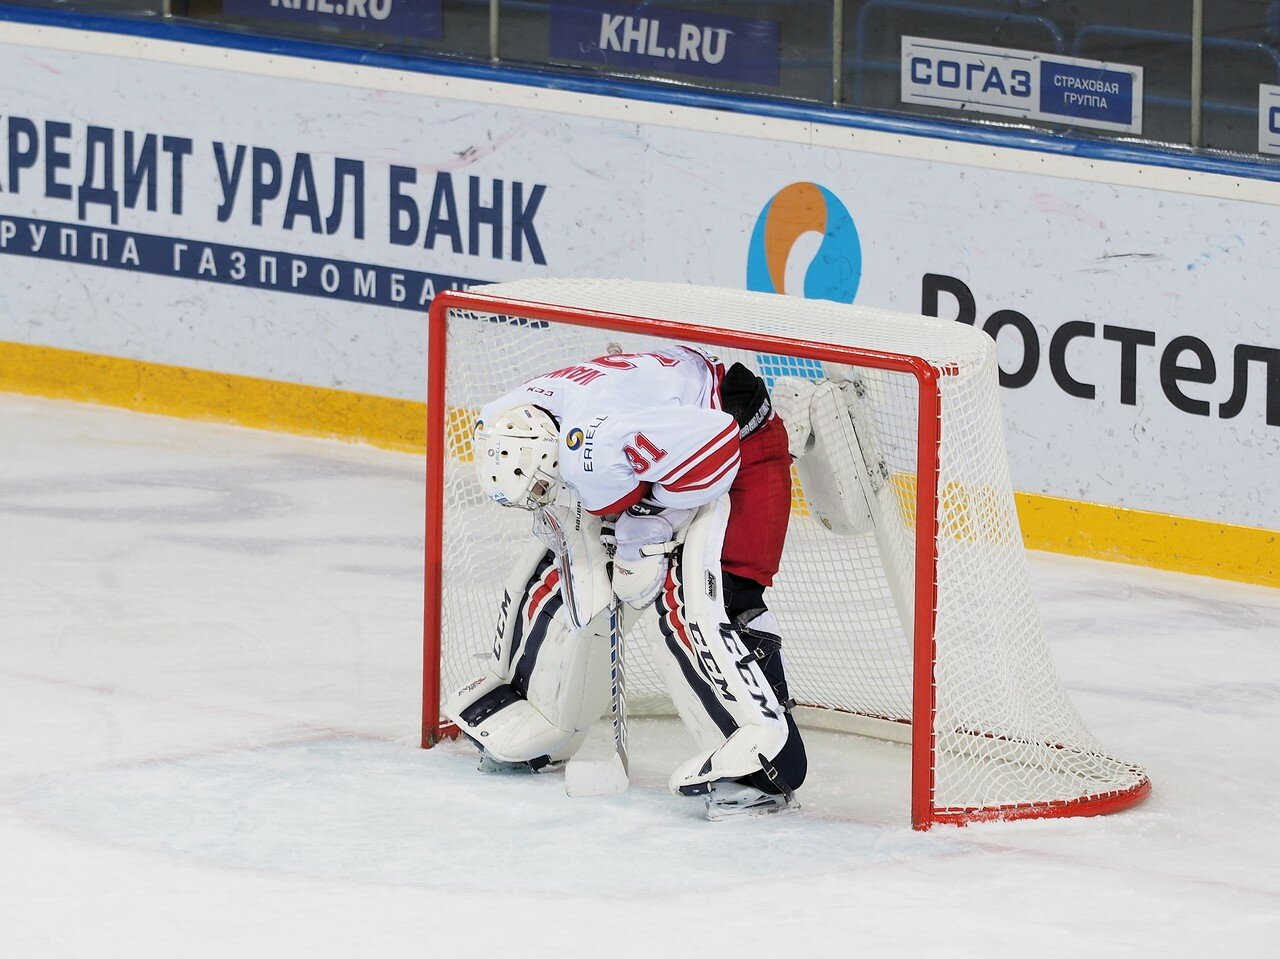 38Металлург - Cпартак 26.12.2015